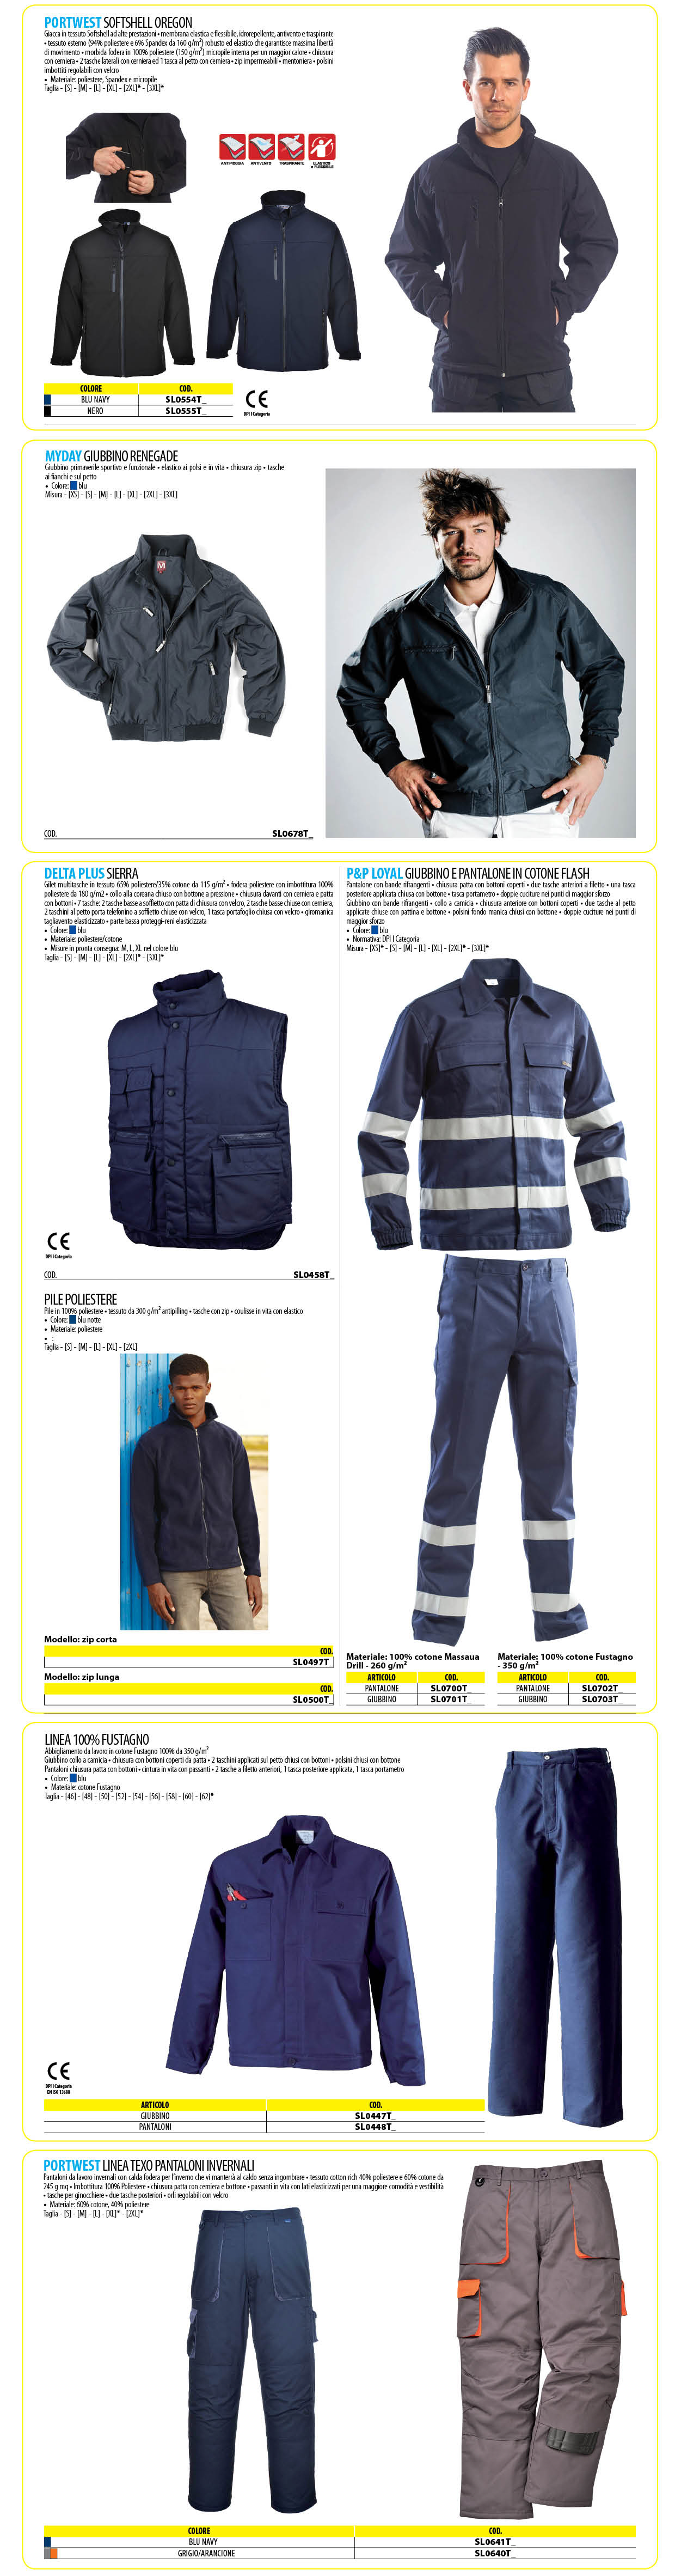 abbigliamento invernale eora2